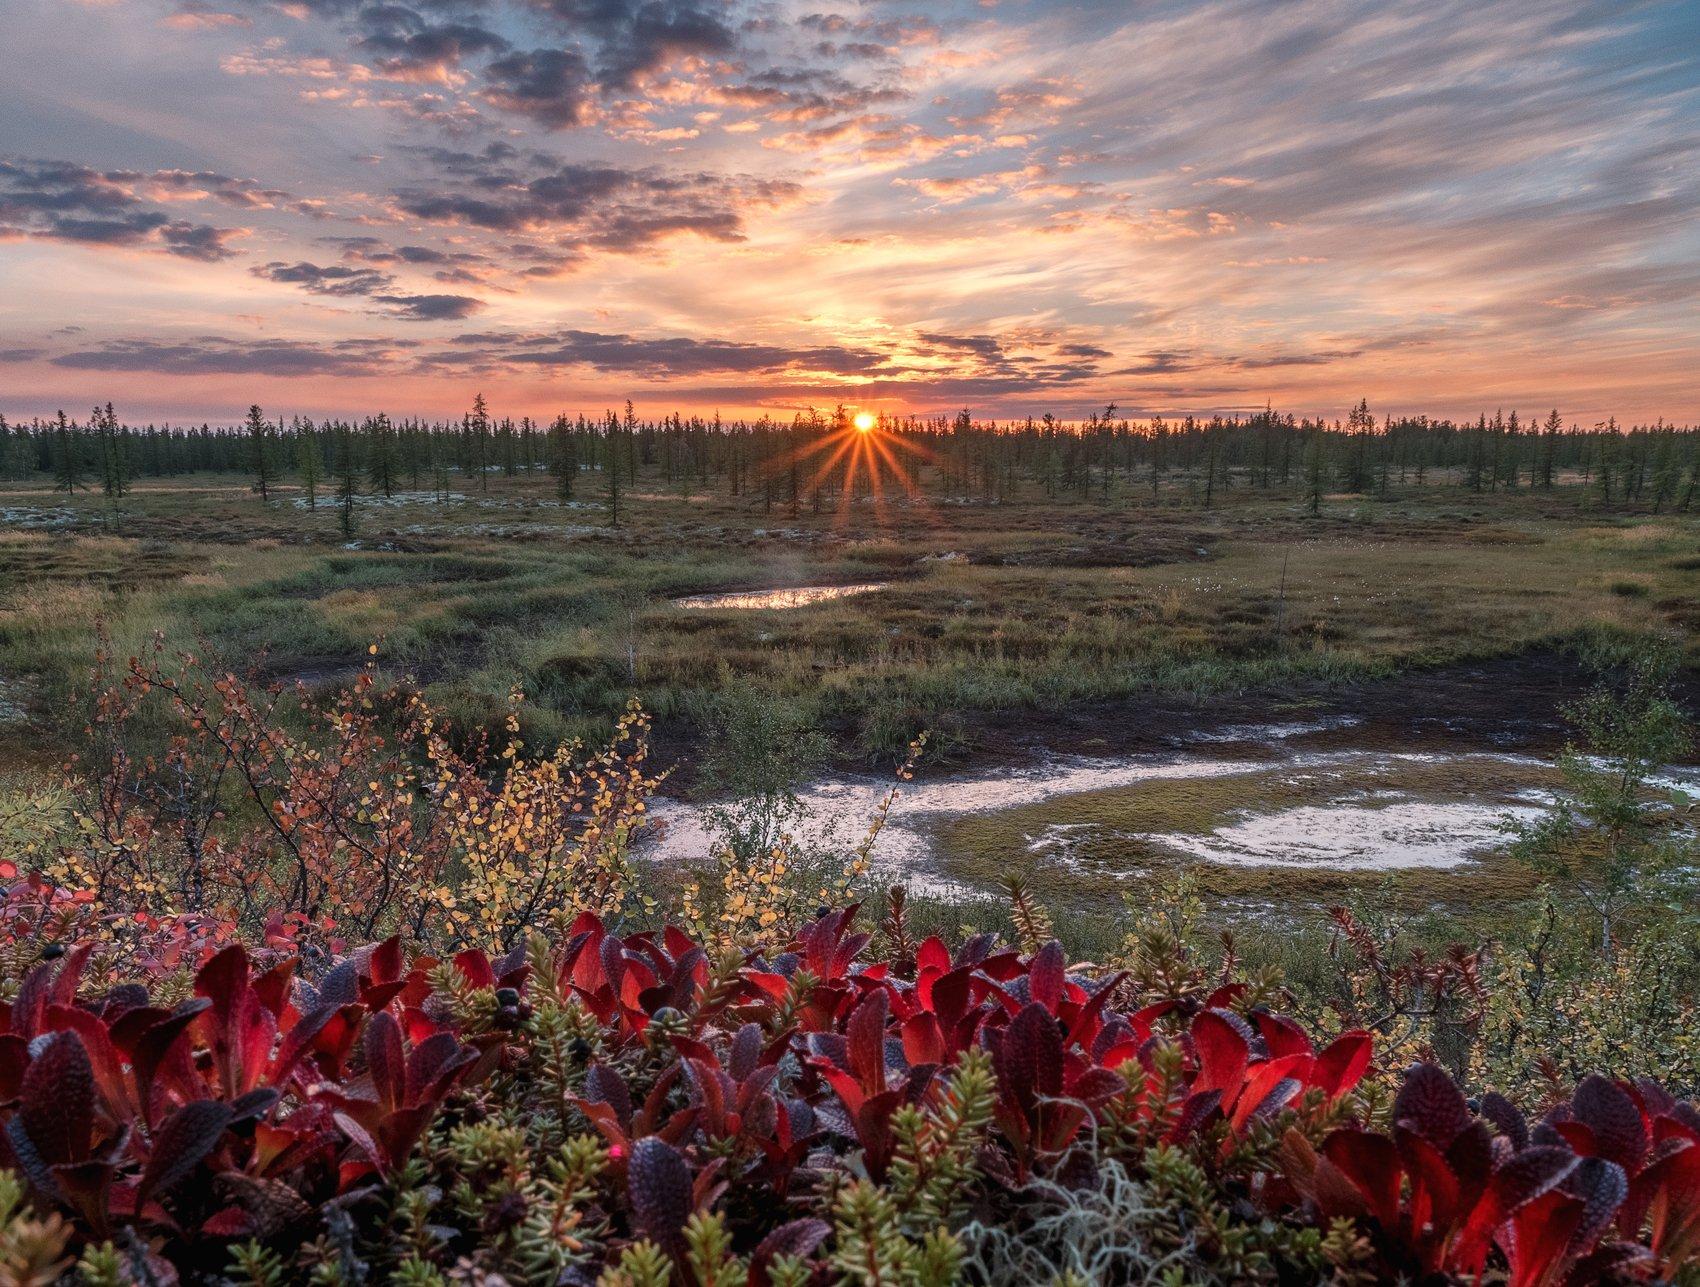 ямал, тундра, лето, закат, olympus, пейзаж, россия, Камиль Нуреев